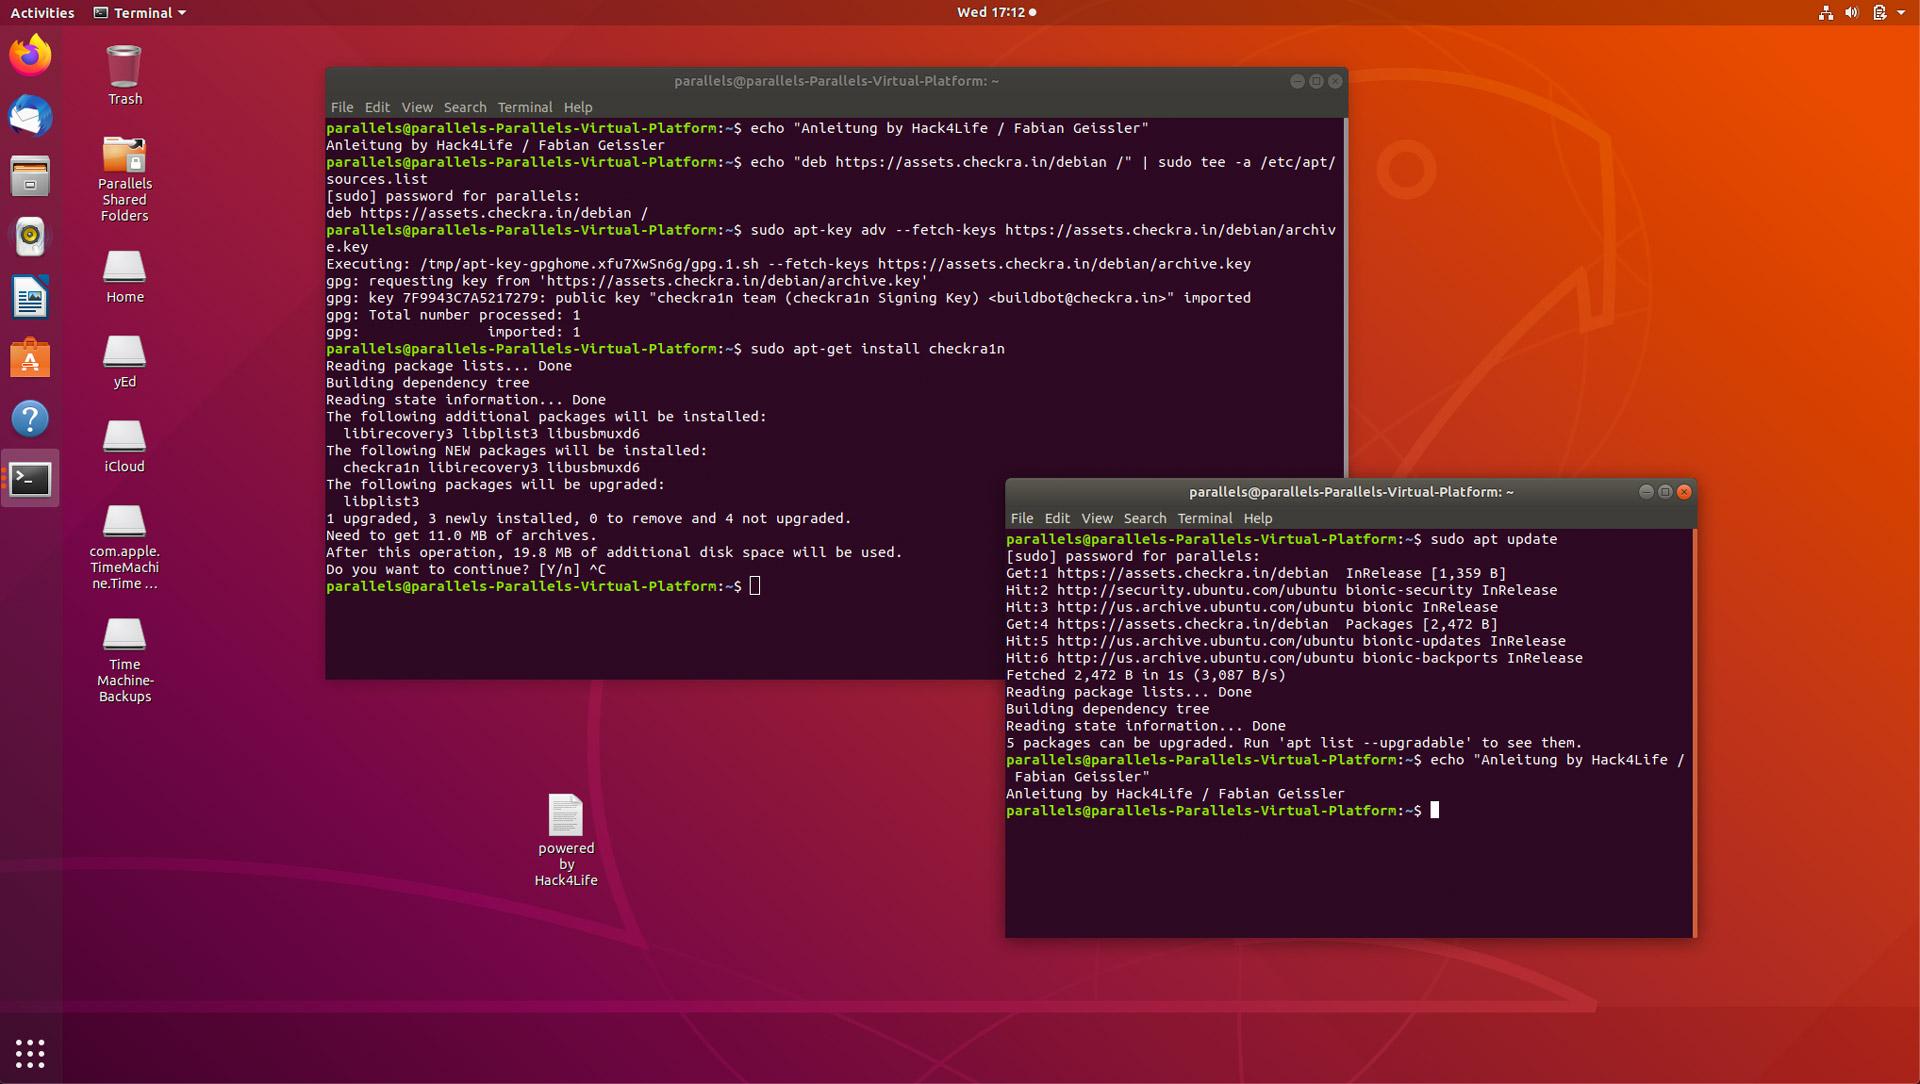 Erfolgreiche Checkra1n Installation unter Ubuntu, Hack4Life, Fabian Geissler, Checkra1n Installation mit GUI, Grafische Anwendung für Checkra1n unter Linux, Tipp, Tutorial